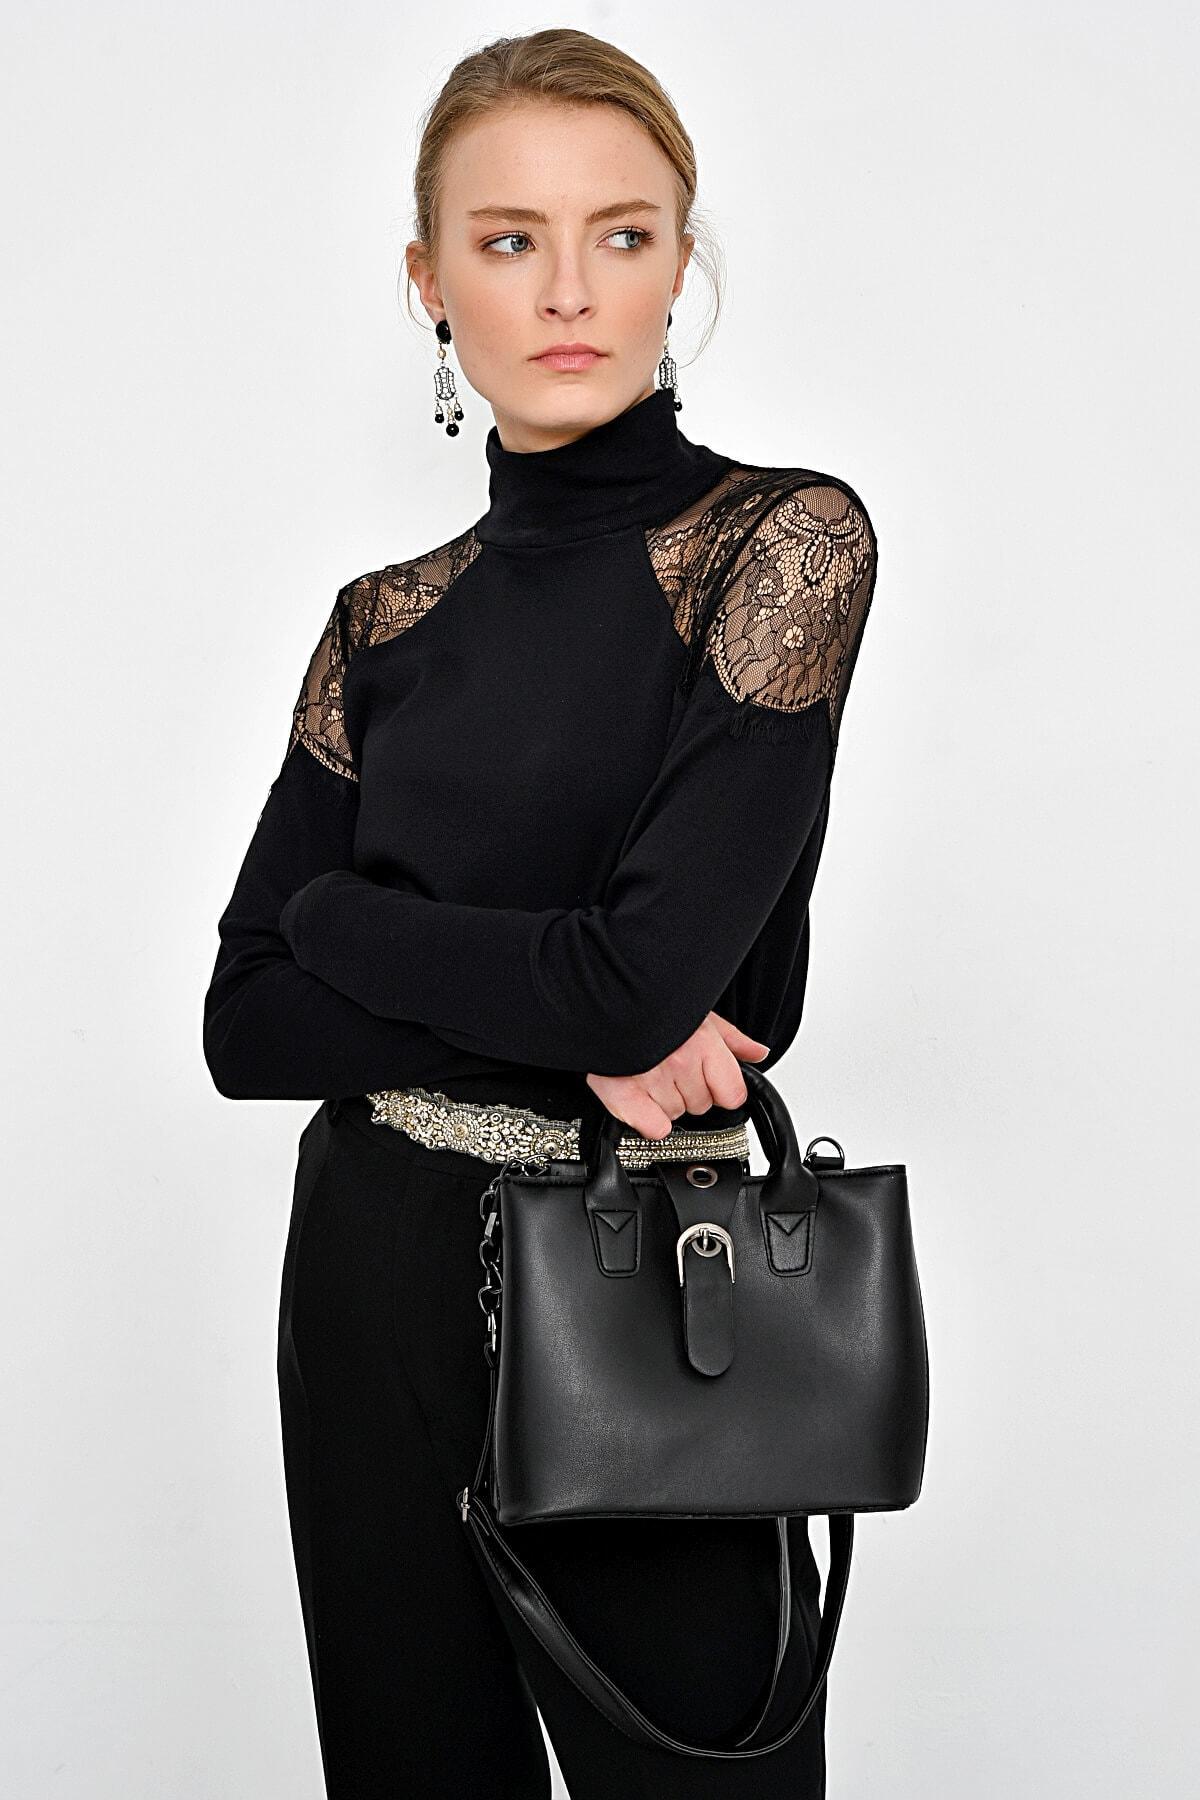 Hanna's Kadın Siyah Omuzları Dantelli Bluz HN2364